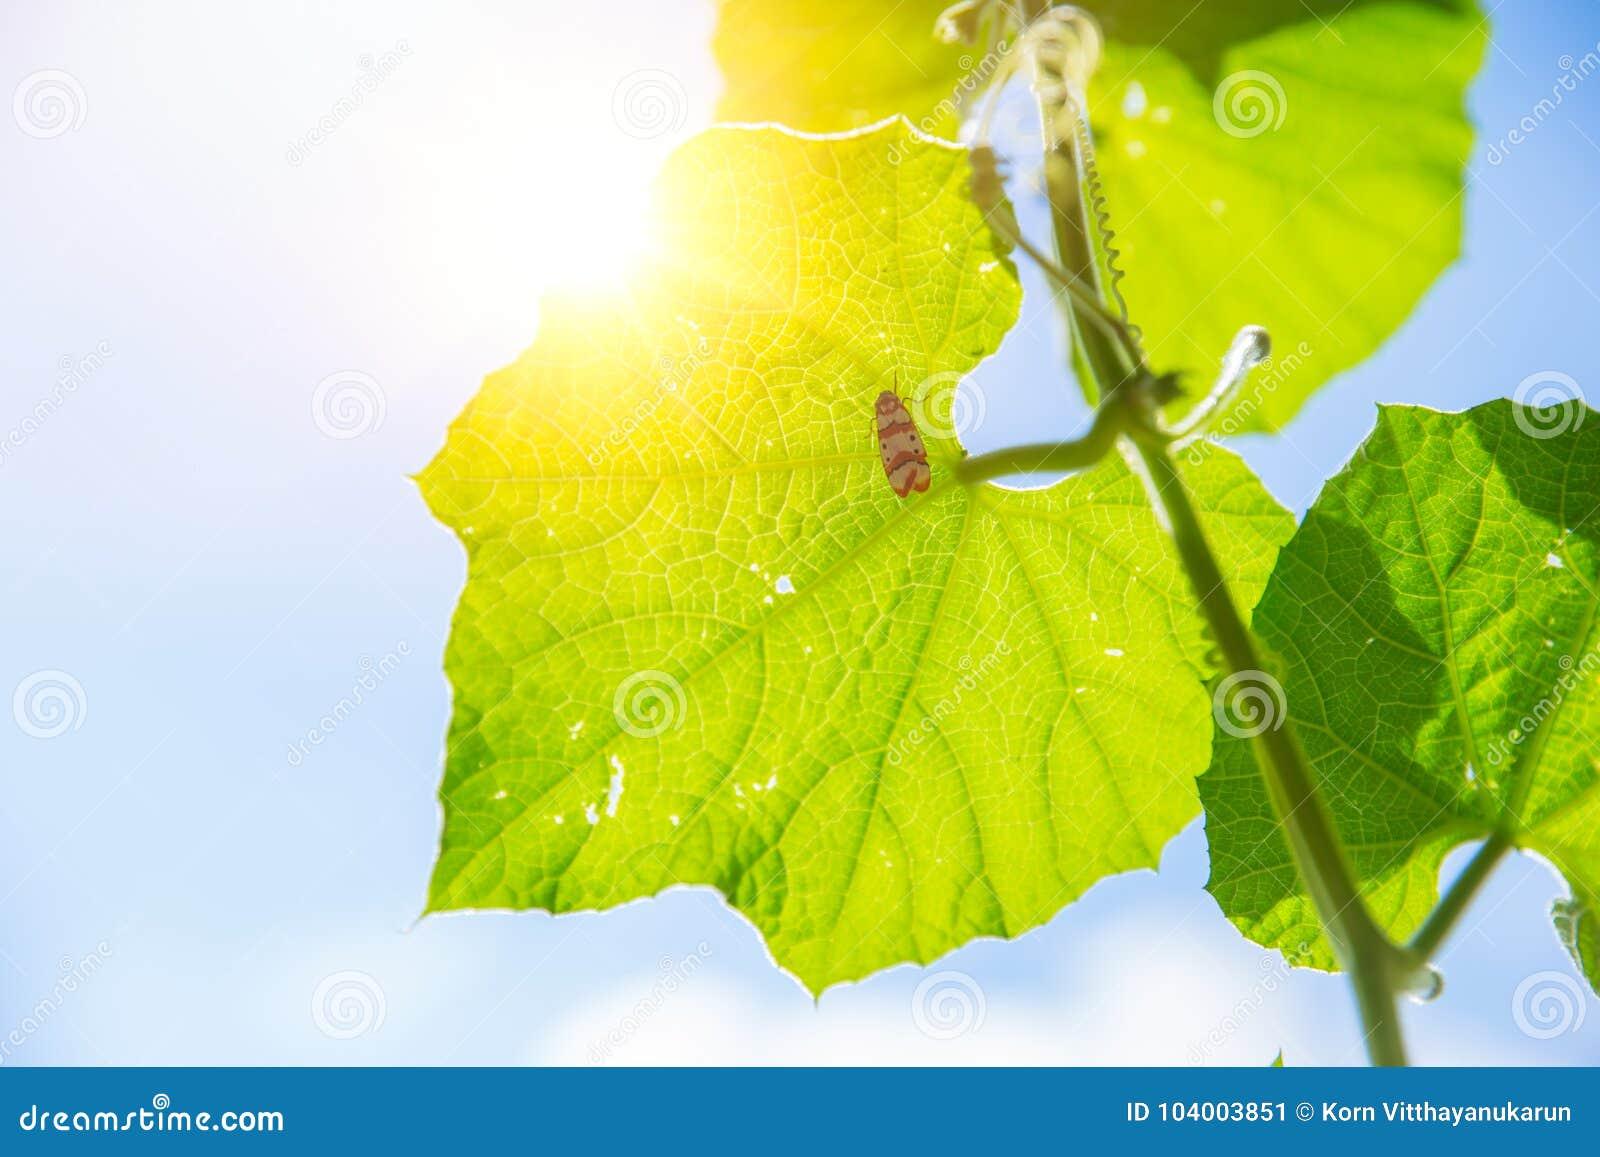 Natury ekologia i nauka Zbliżenie liścia zielona tekstura z chlorofilem i procesem fotosynteza